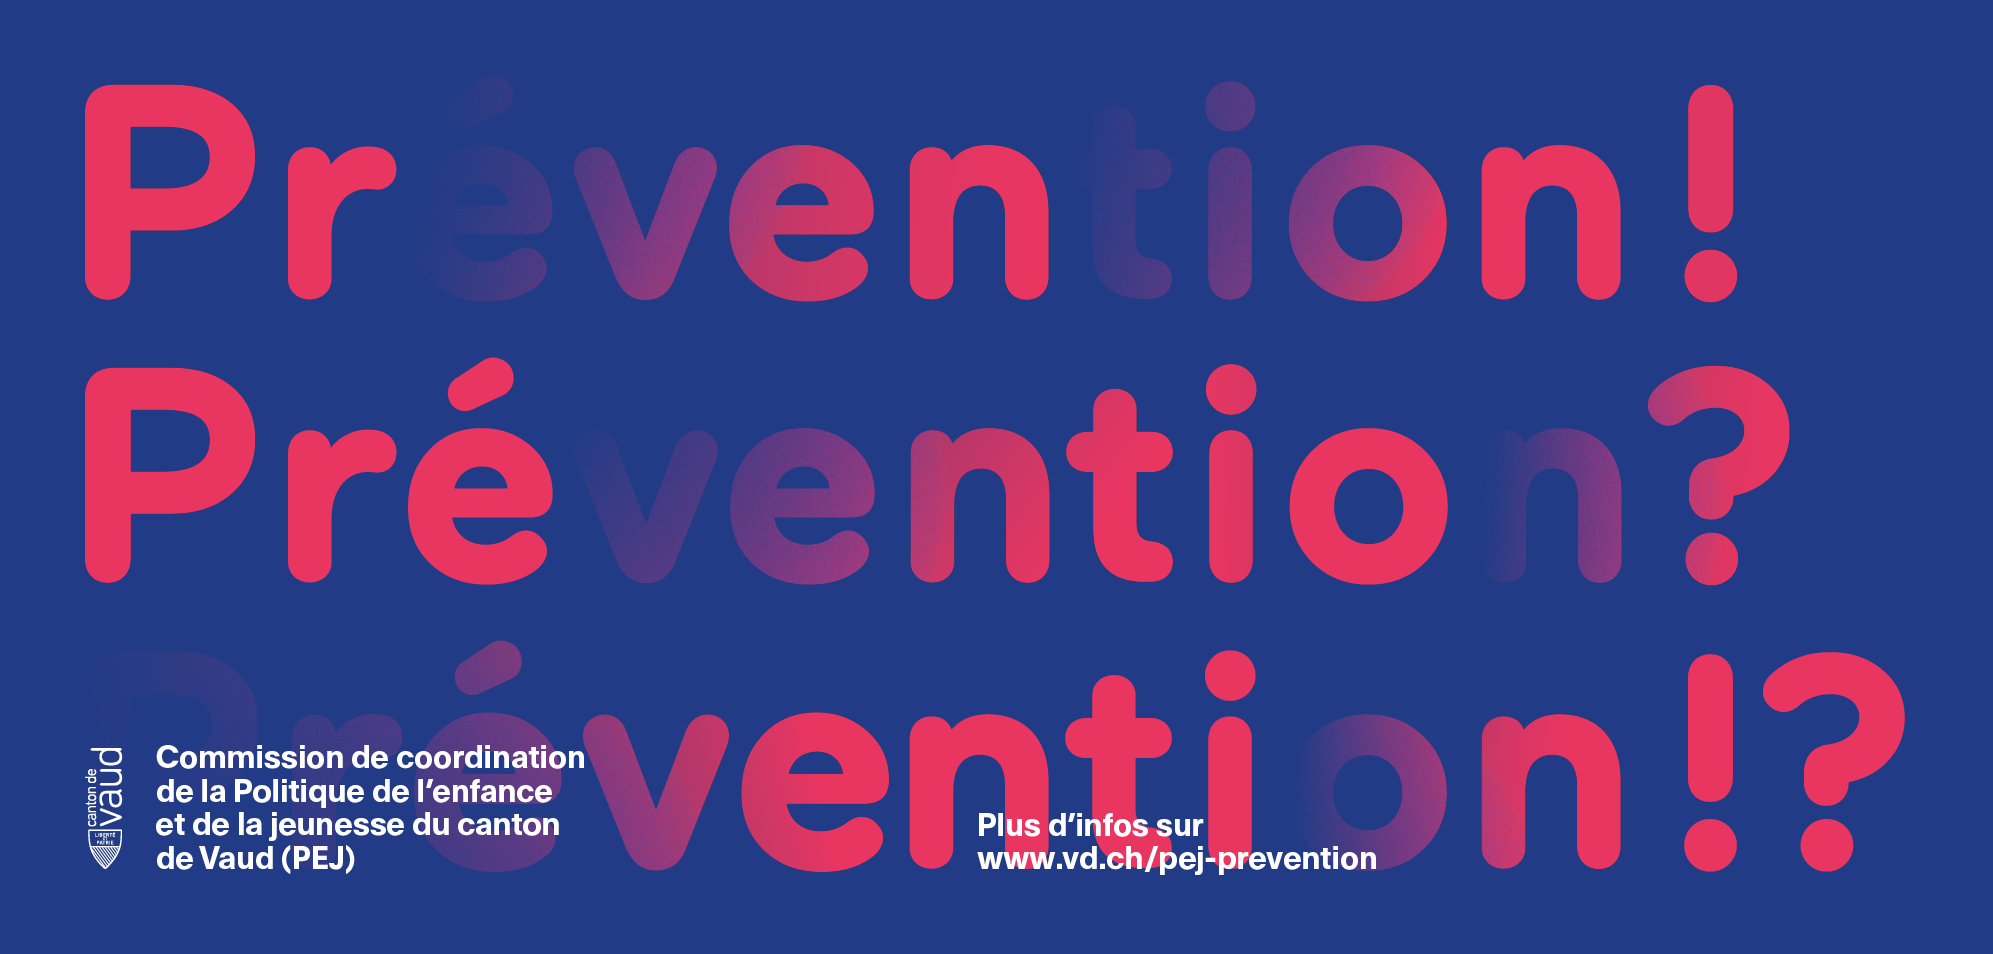 Année de la politique de l'enfance et de la jeunesse dédiée à la prévention